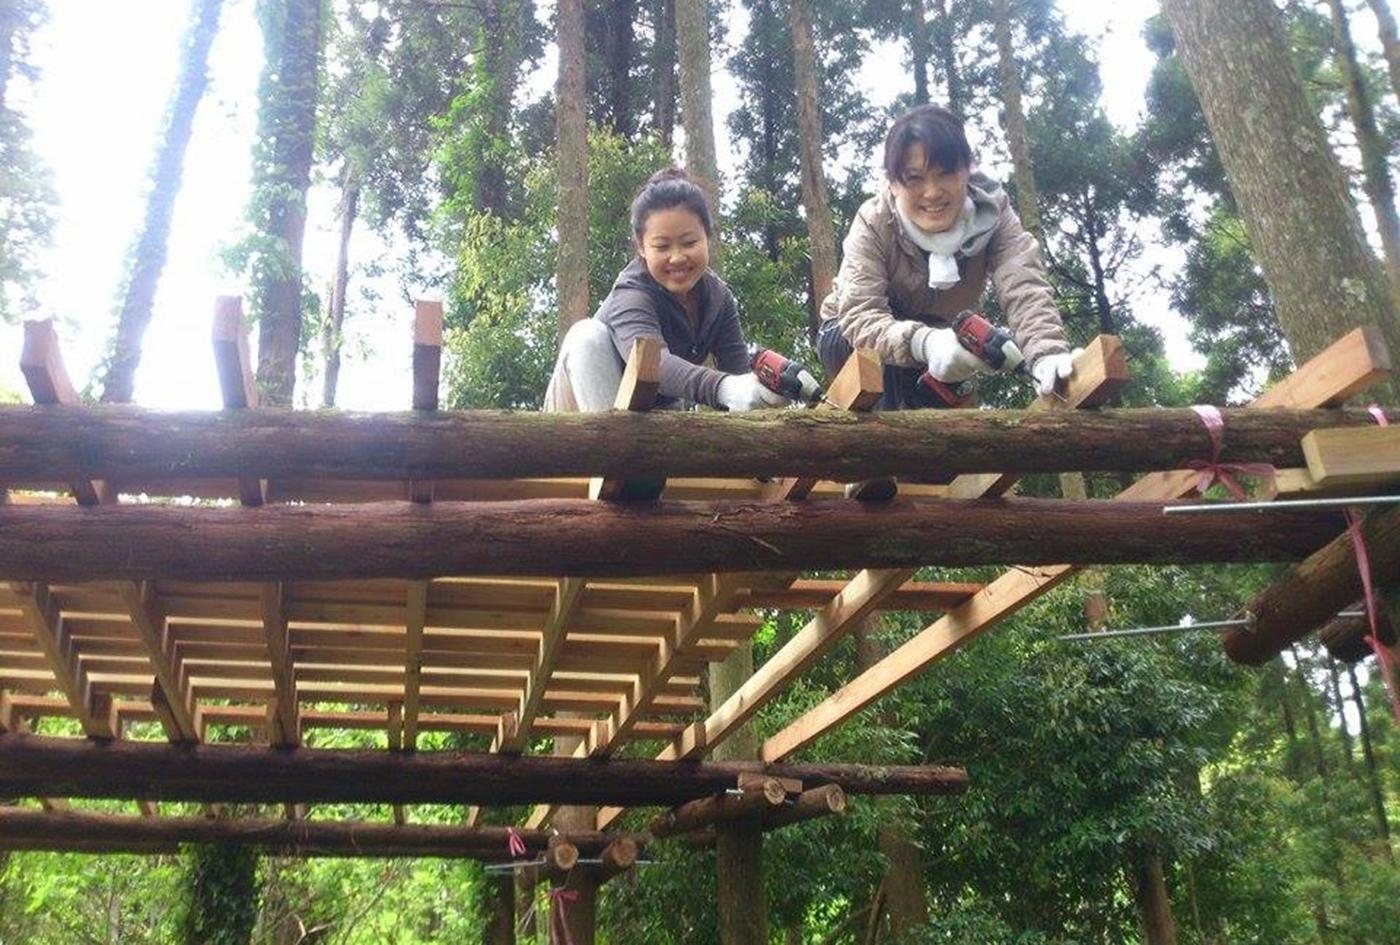 ツリーハウス製作の旅 | 千葉県